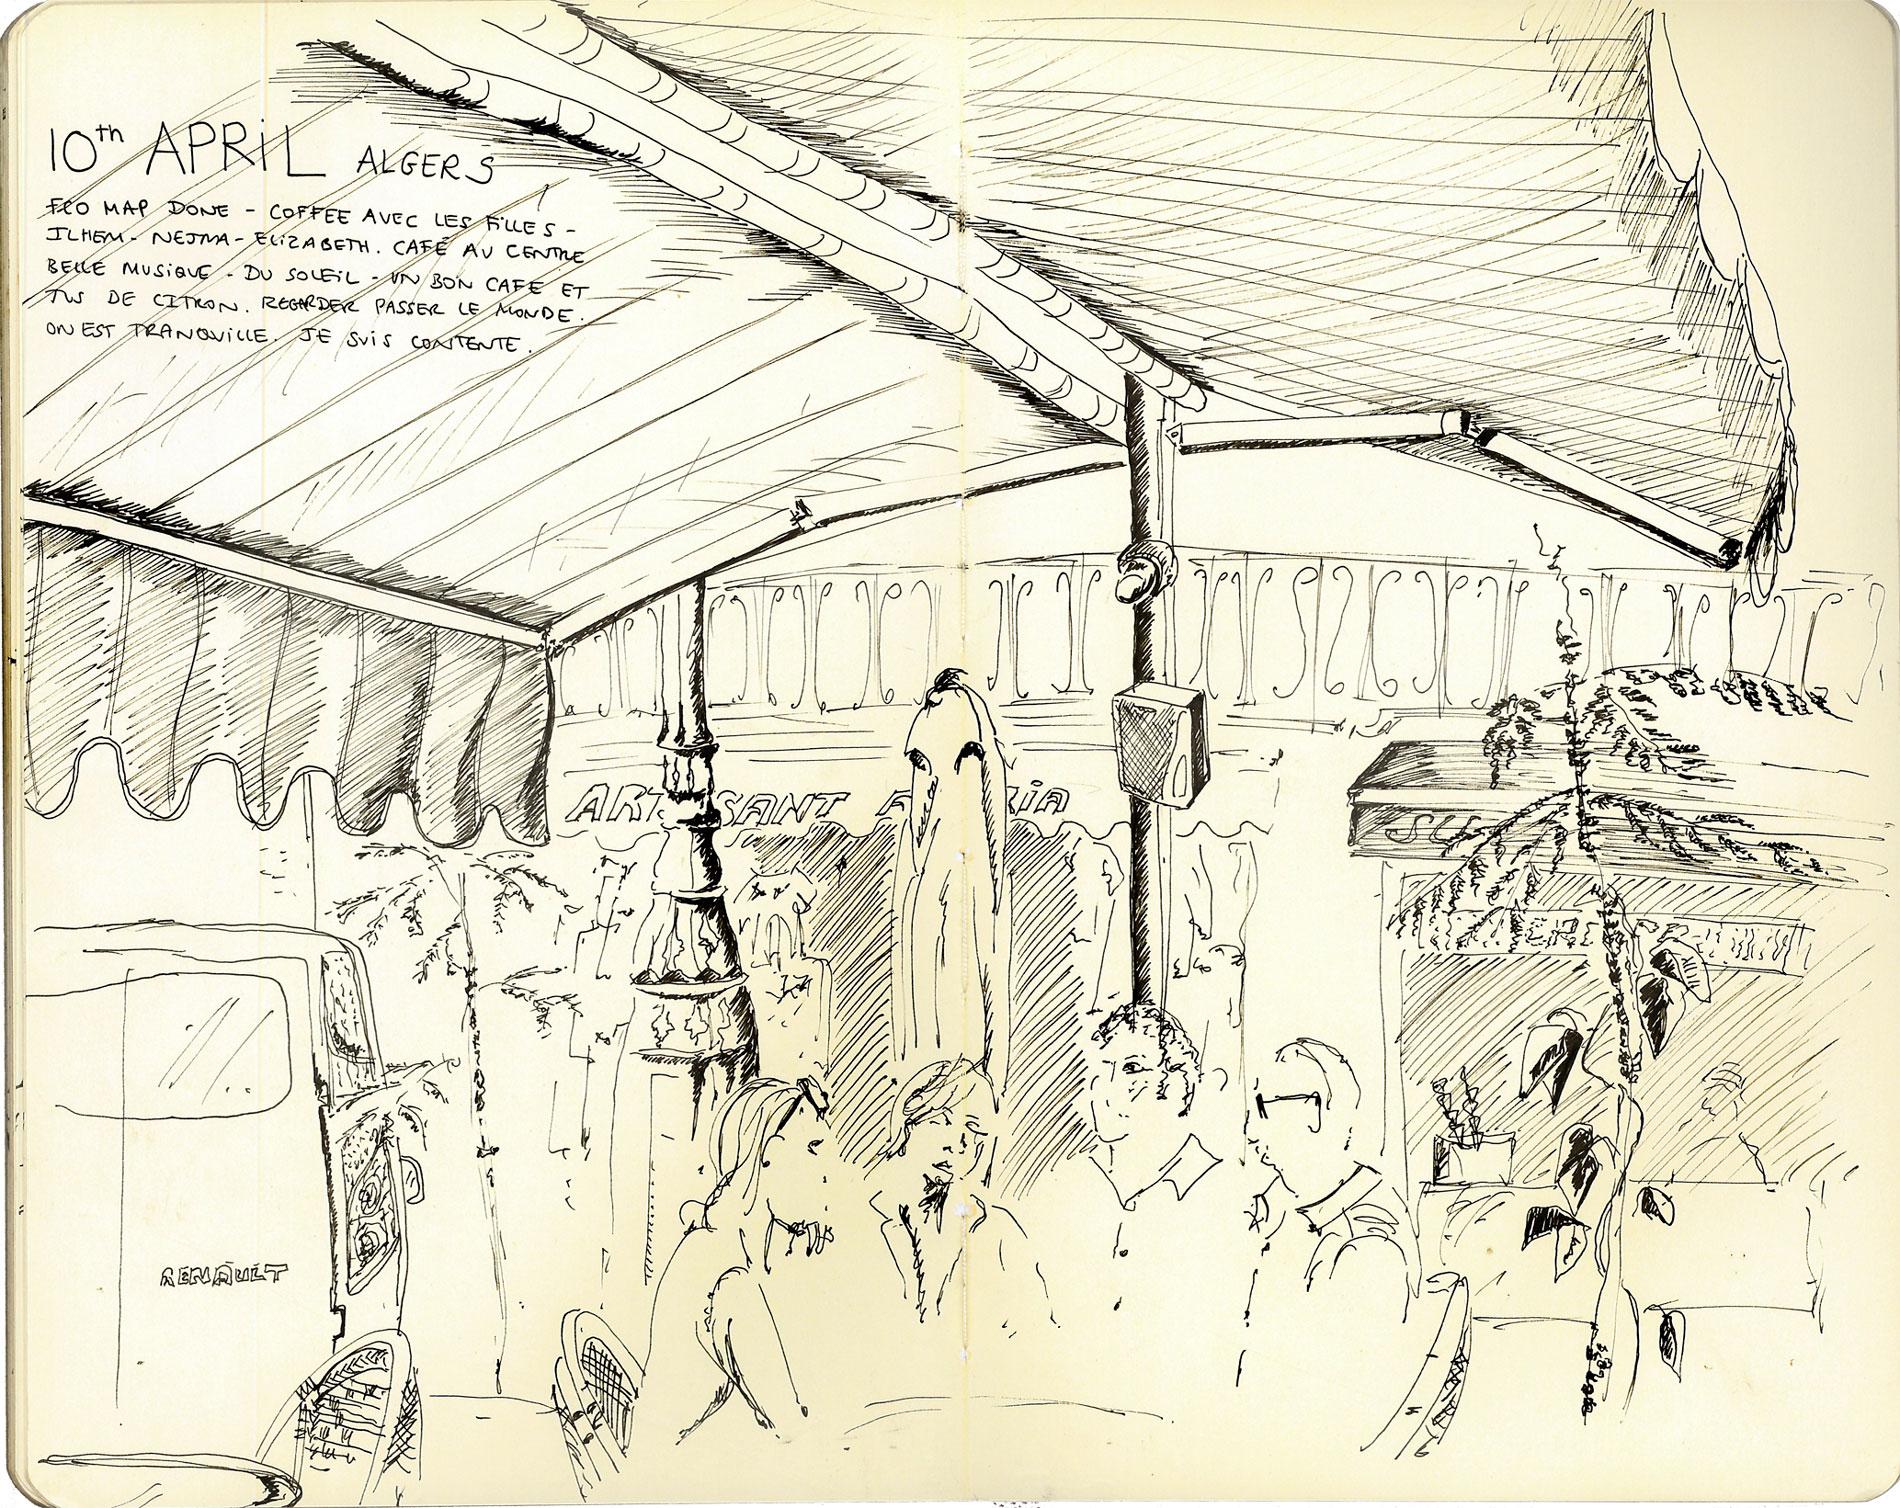 19---Algiers-cafe-terrace.jpg